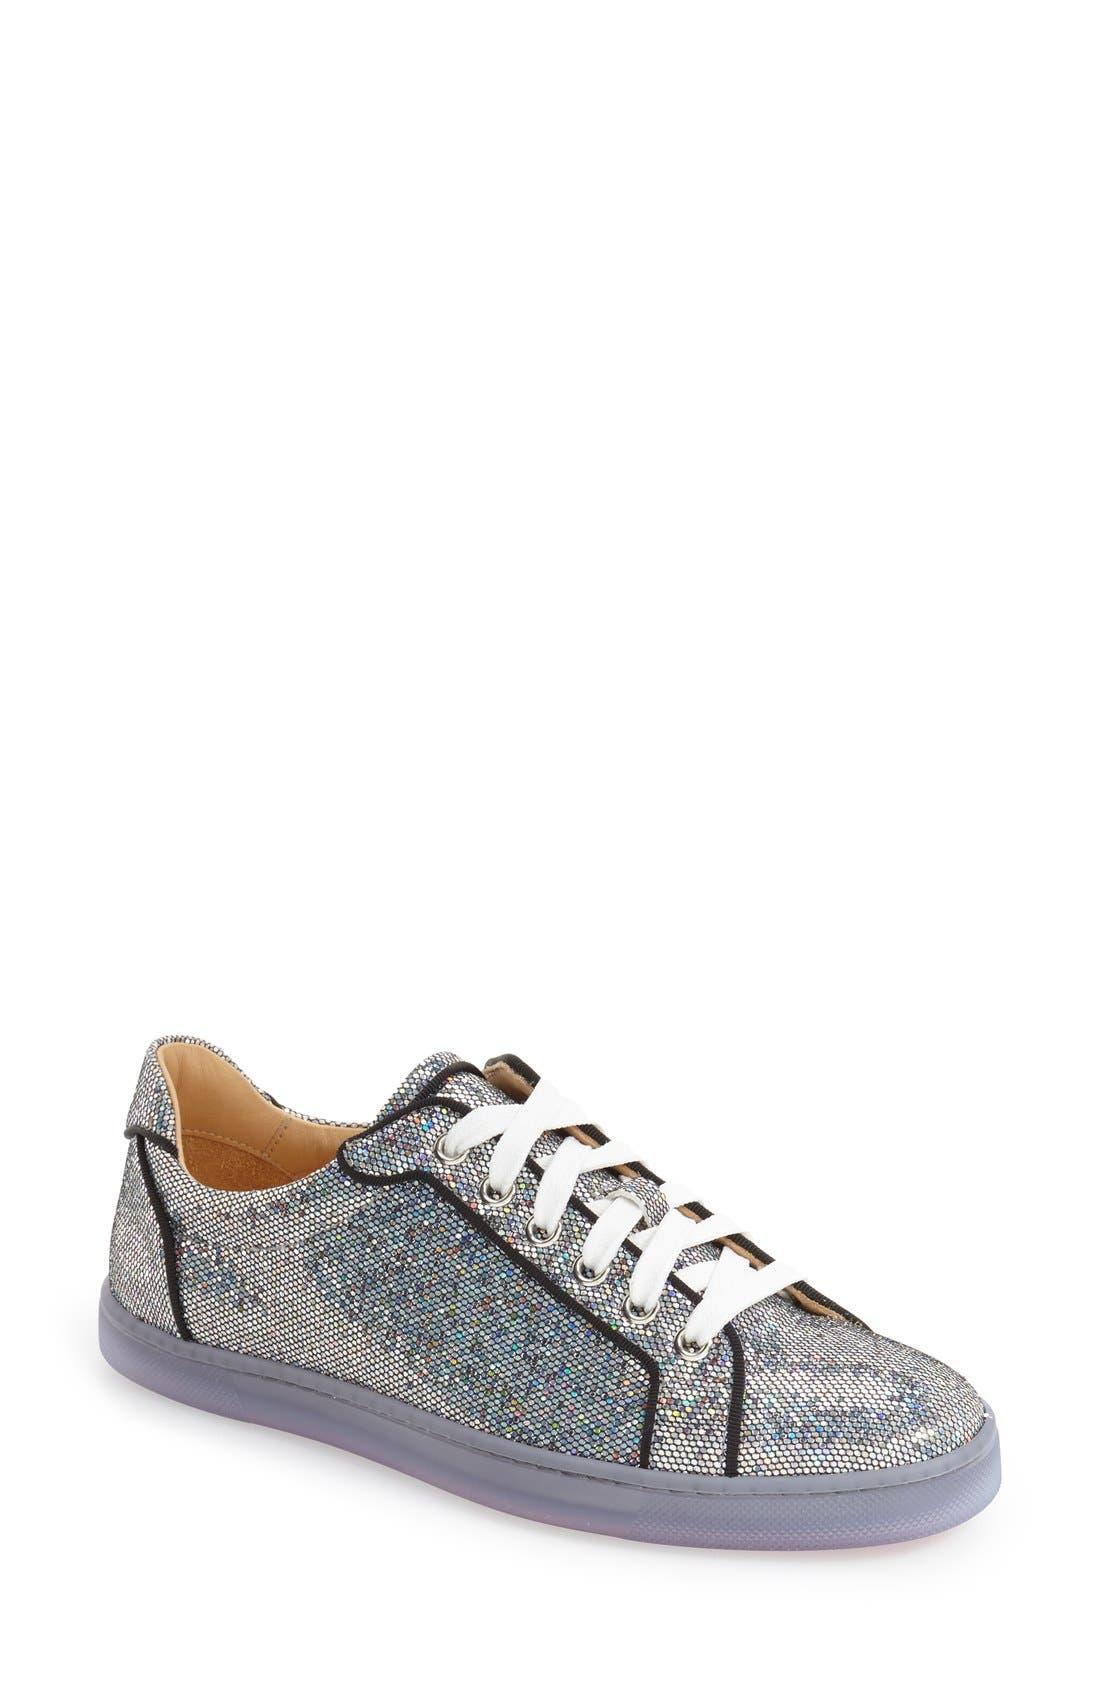 'Seava' Disco Ball Glitter Sneaker, Main, color, 040